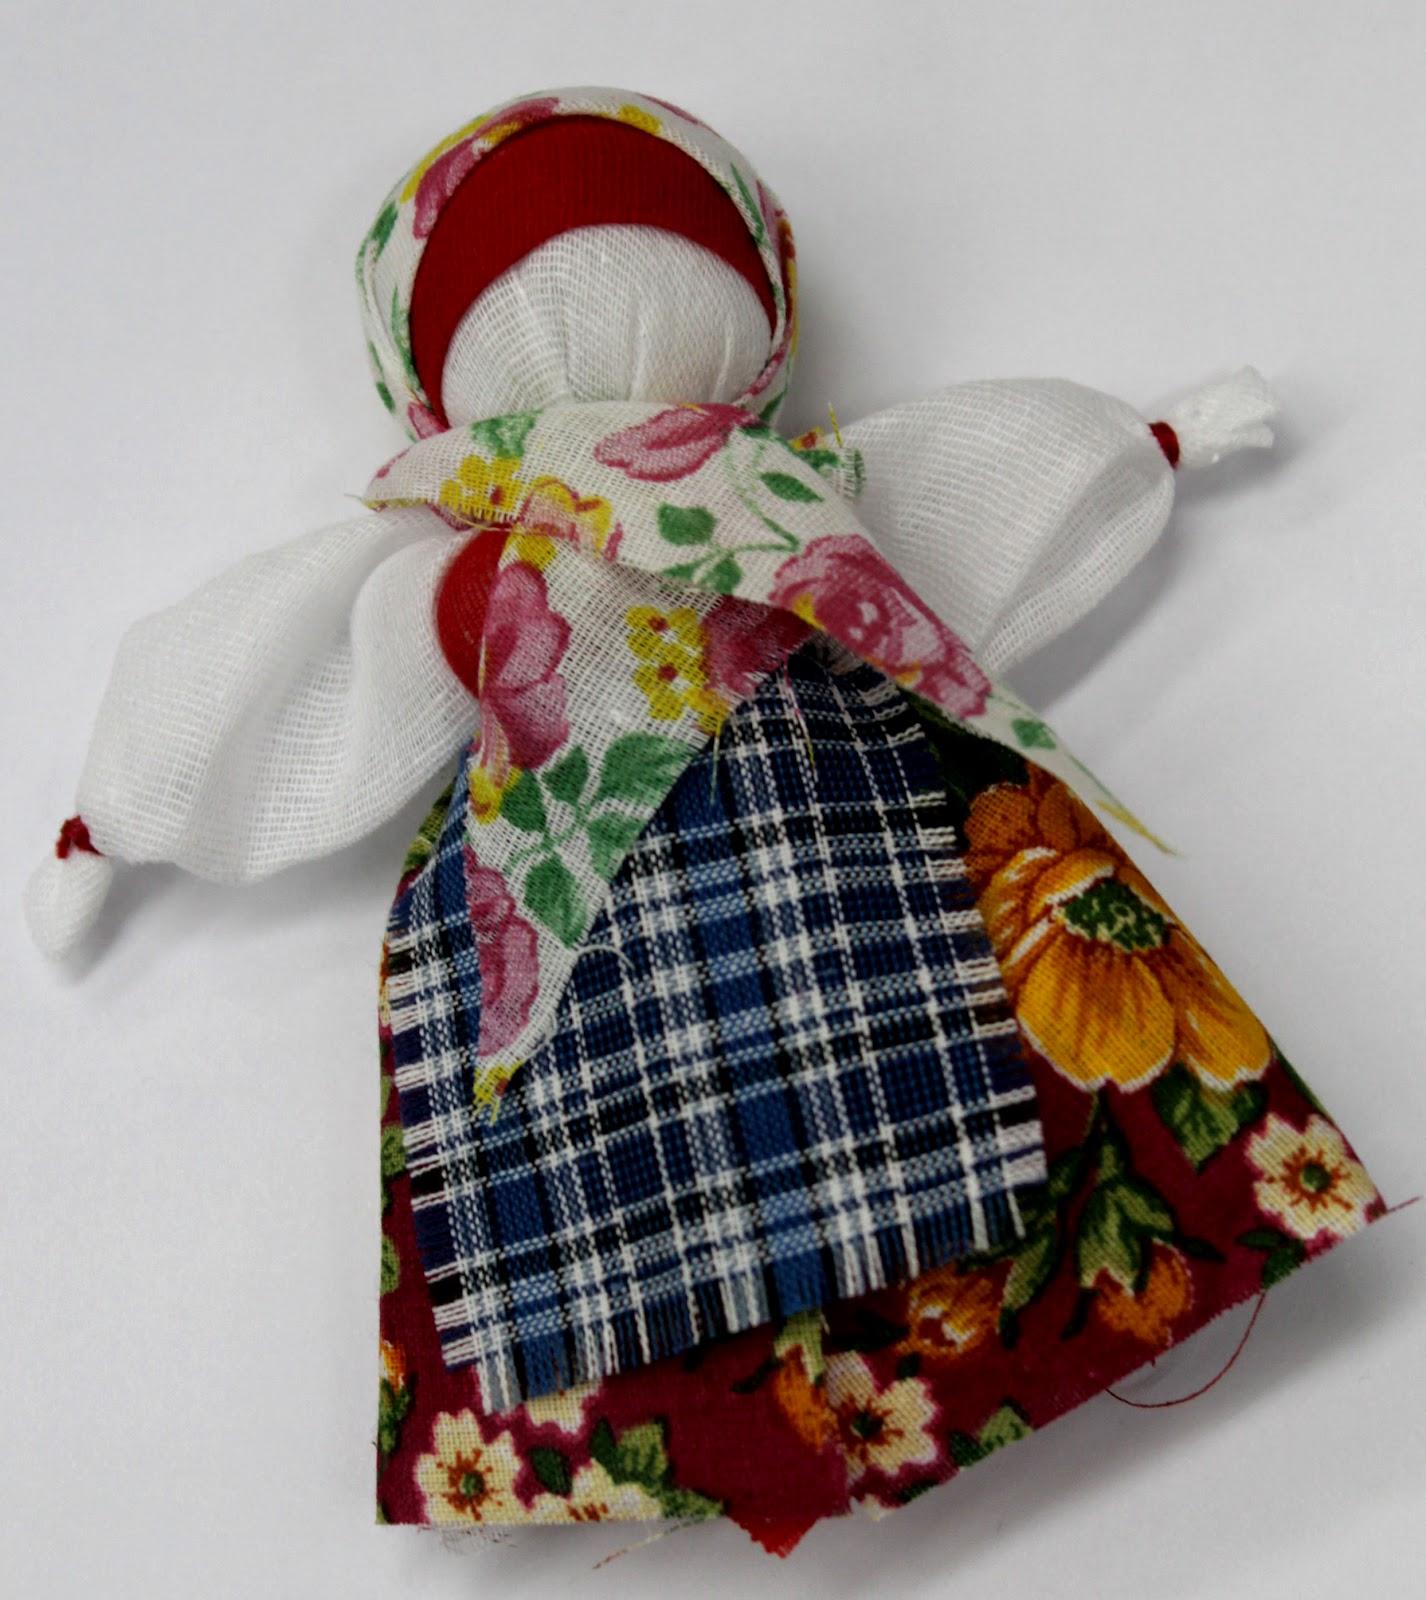 Как самой сшить куклу своими руками: выкройки, мастер класс